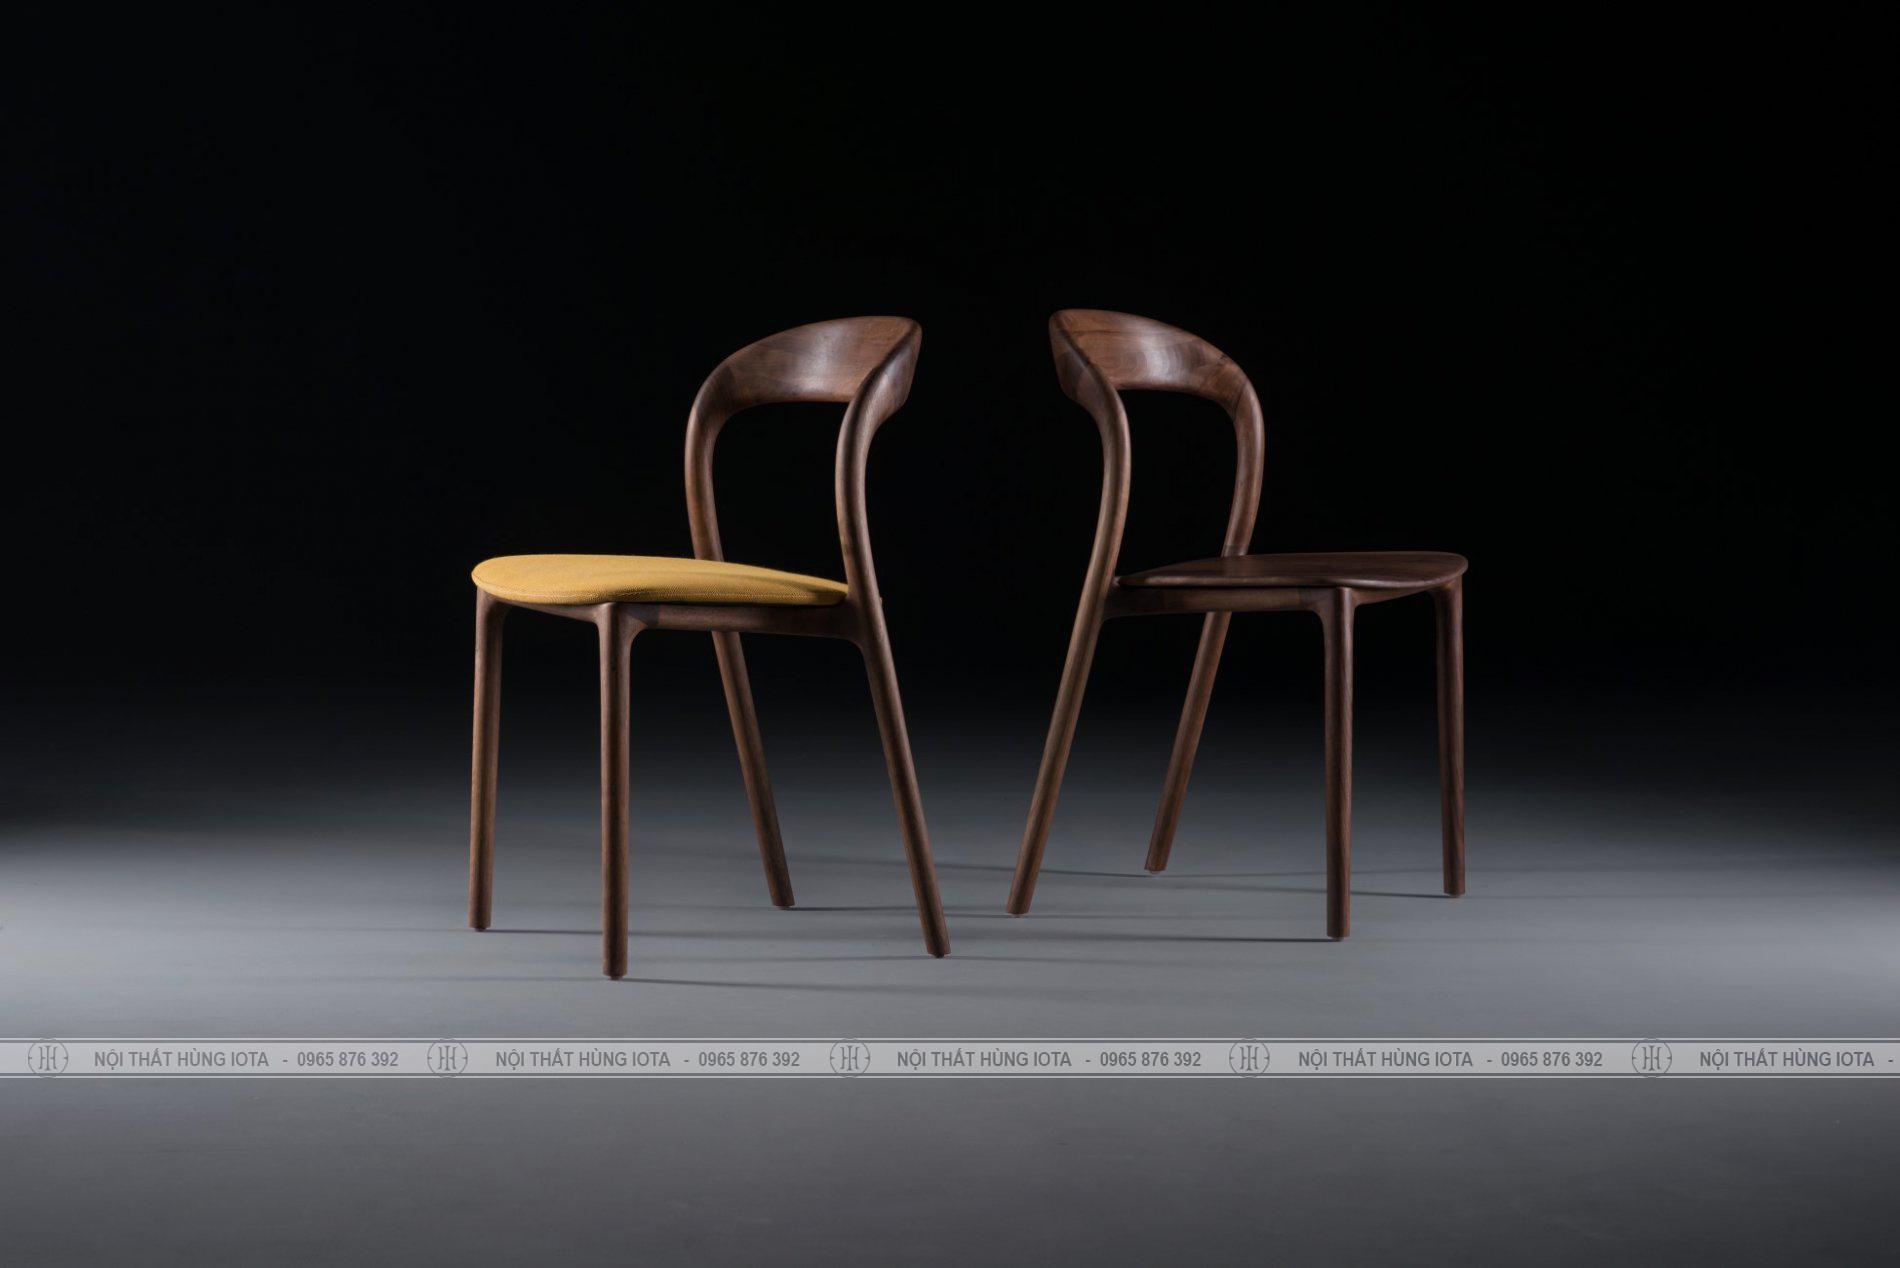 Ghế gỗ neva decor làm ghế cafe, ghế làm việc đẹp giá rẻ